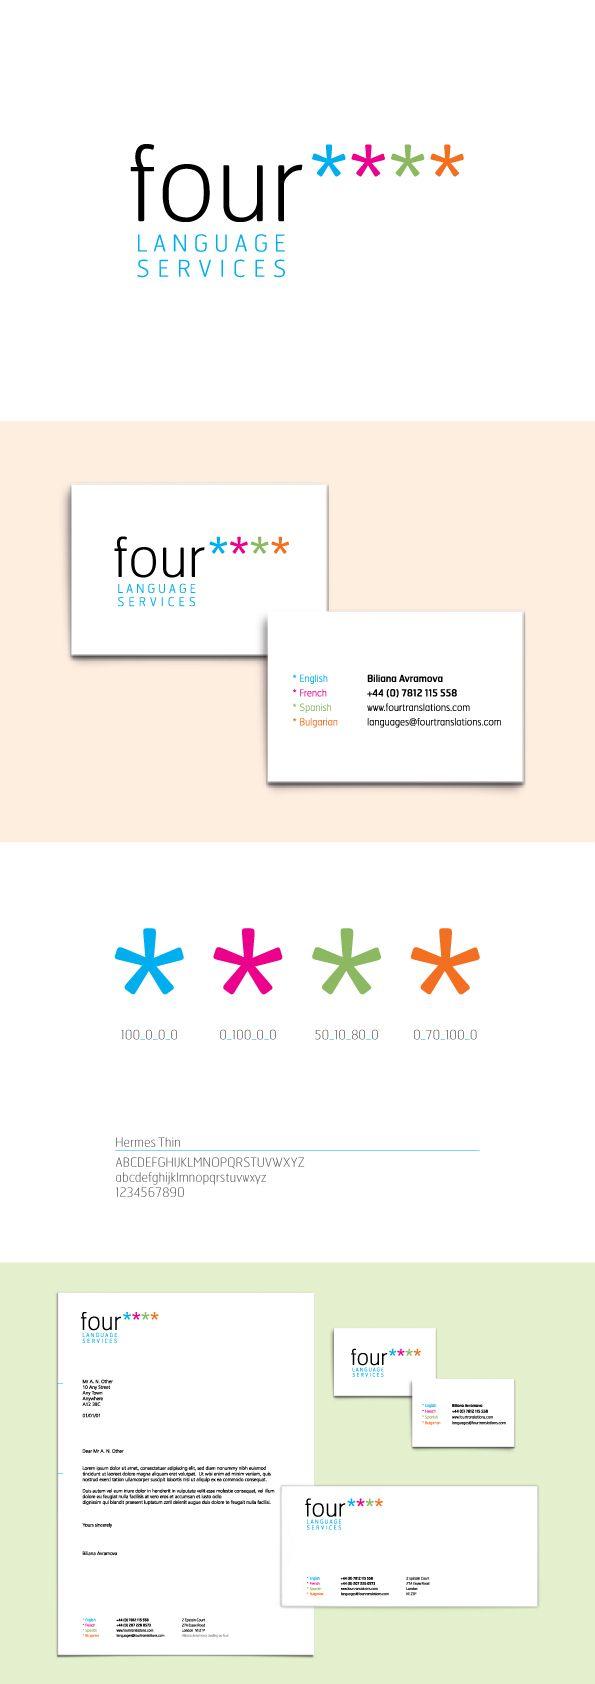 Logo Design, Translation Company, Name Generation, multiple languages. Designed by Paper Aeroplane Creative. www.paperaeroplane.co.uk